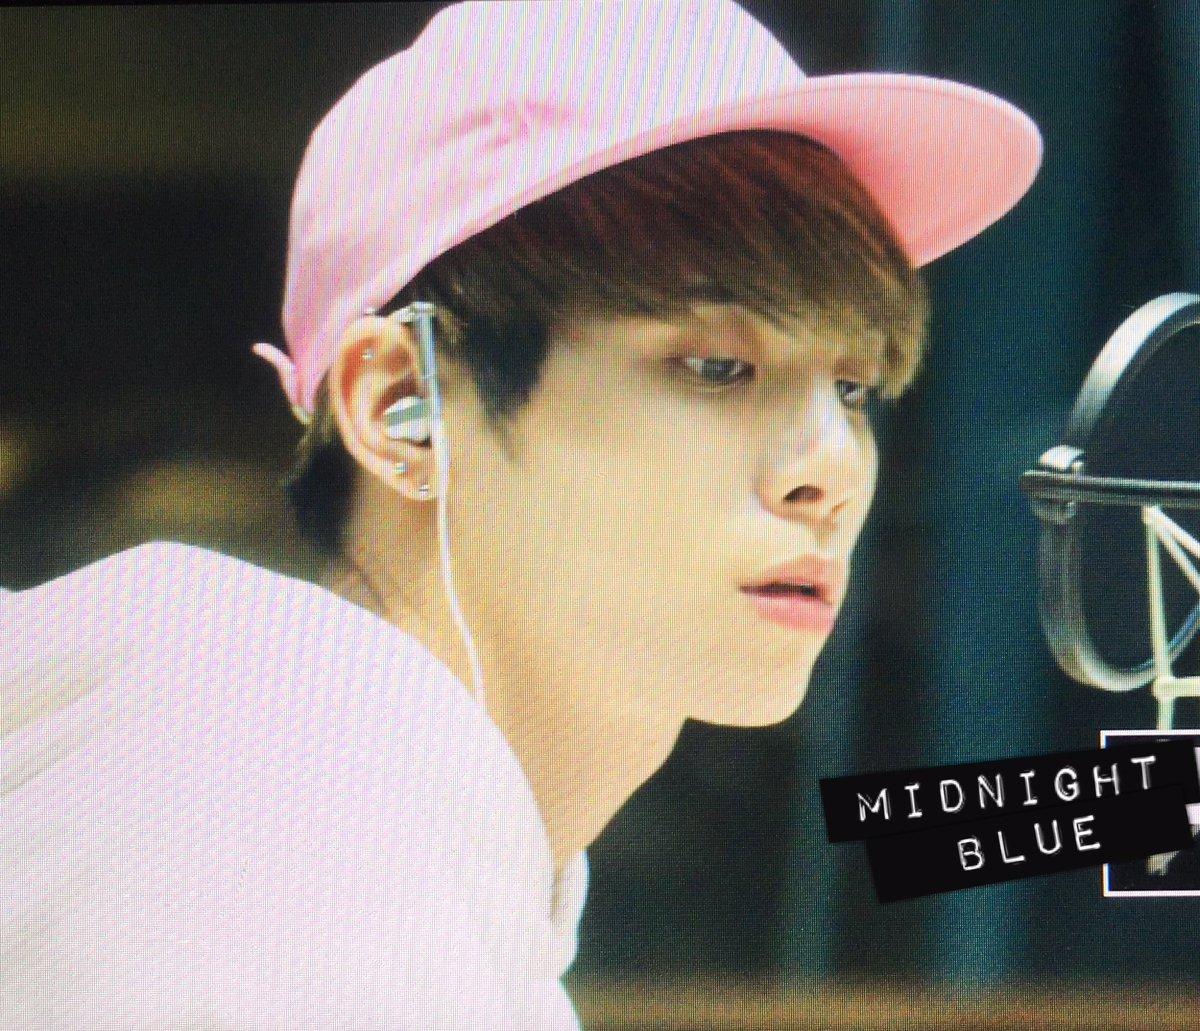 160415 Jonghyun @ MBC Blue Night CgGKULUVIAAVG0U